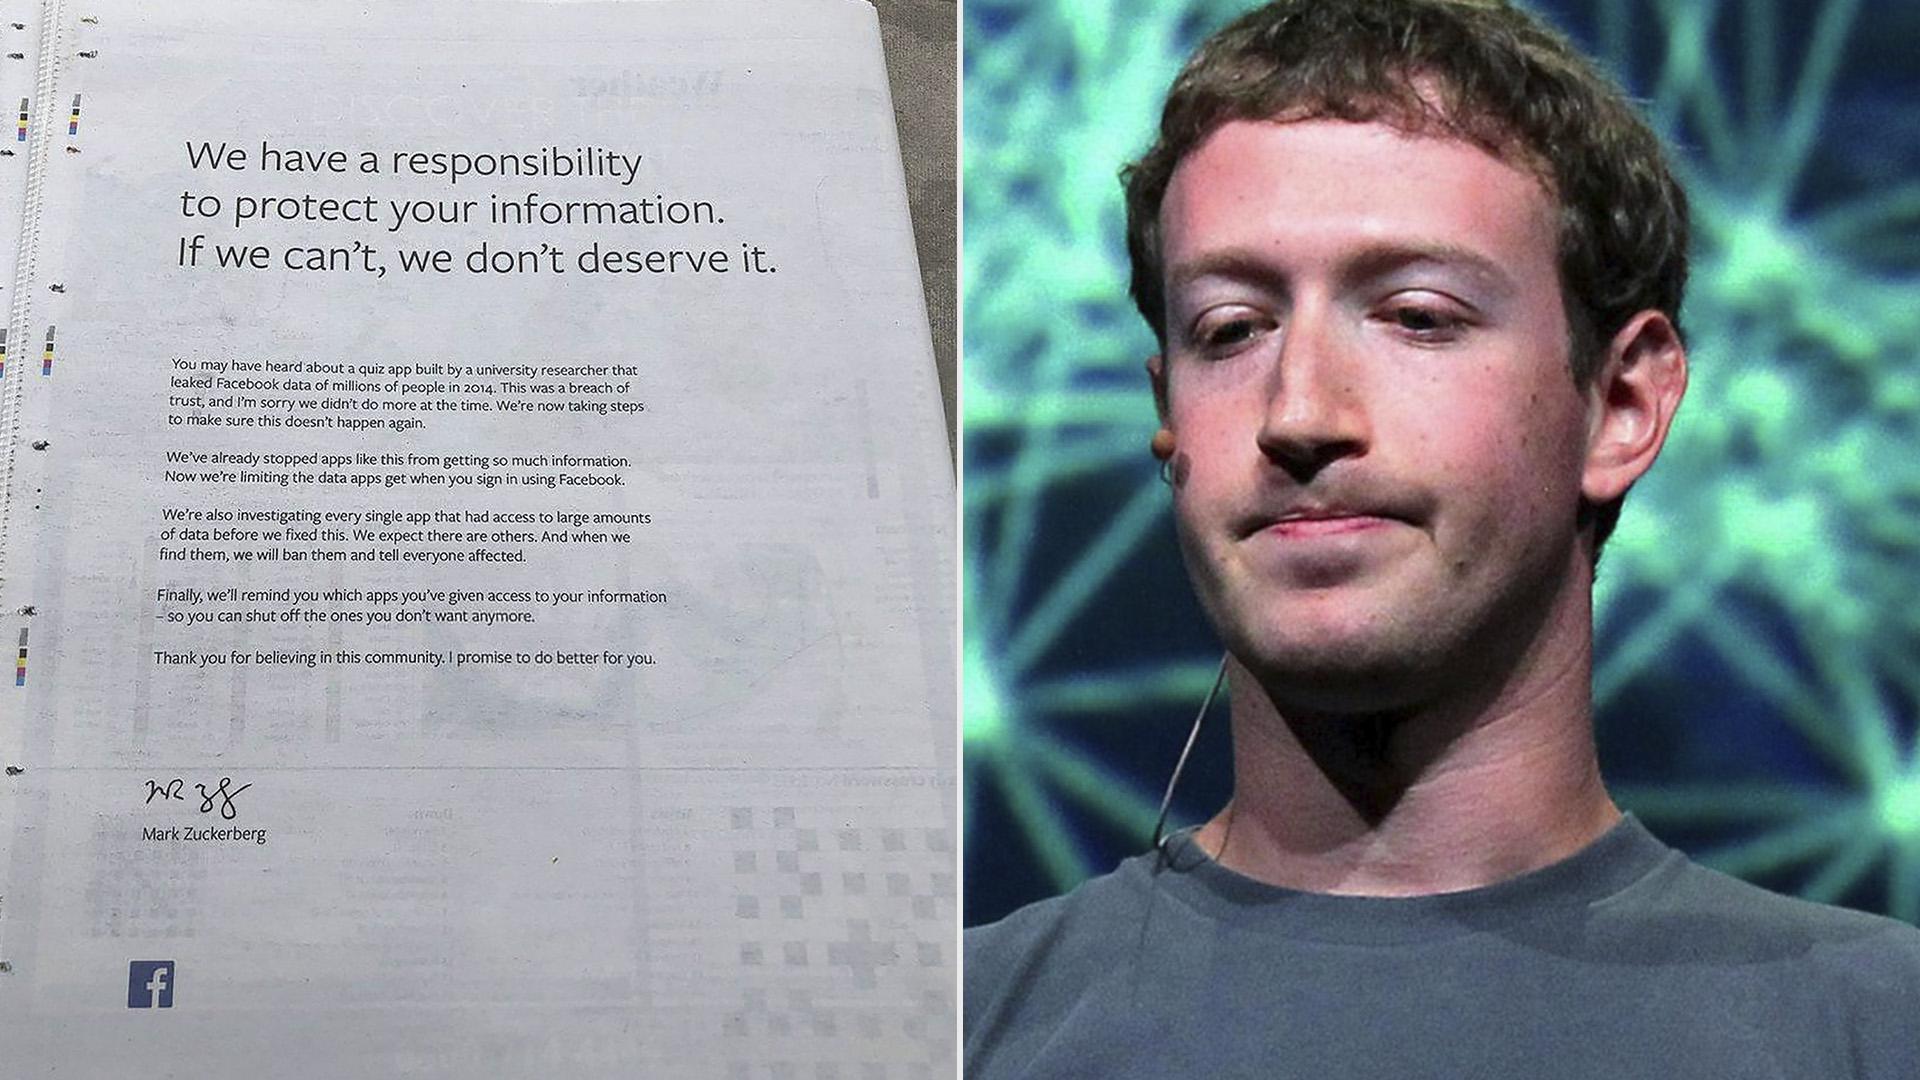 Zuckerberg volvió a asumir la responsabilidad de lo sucedido